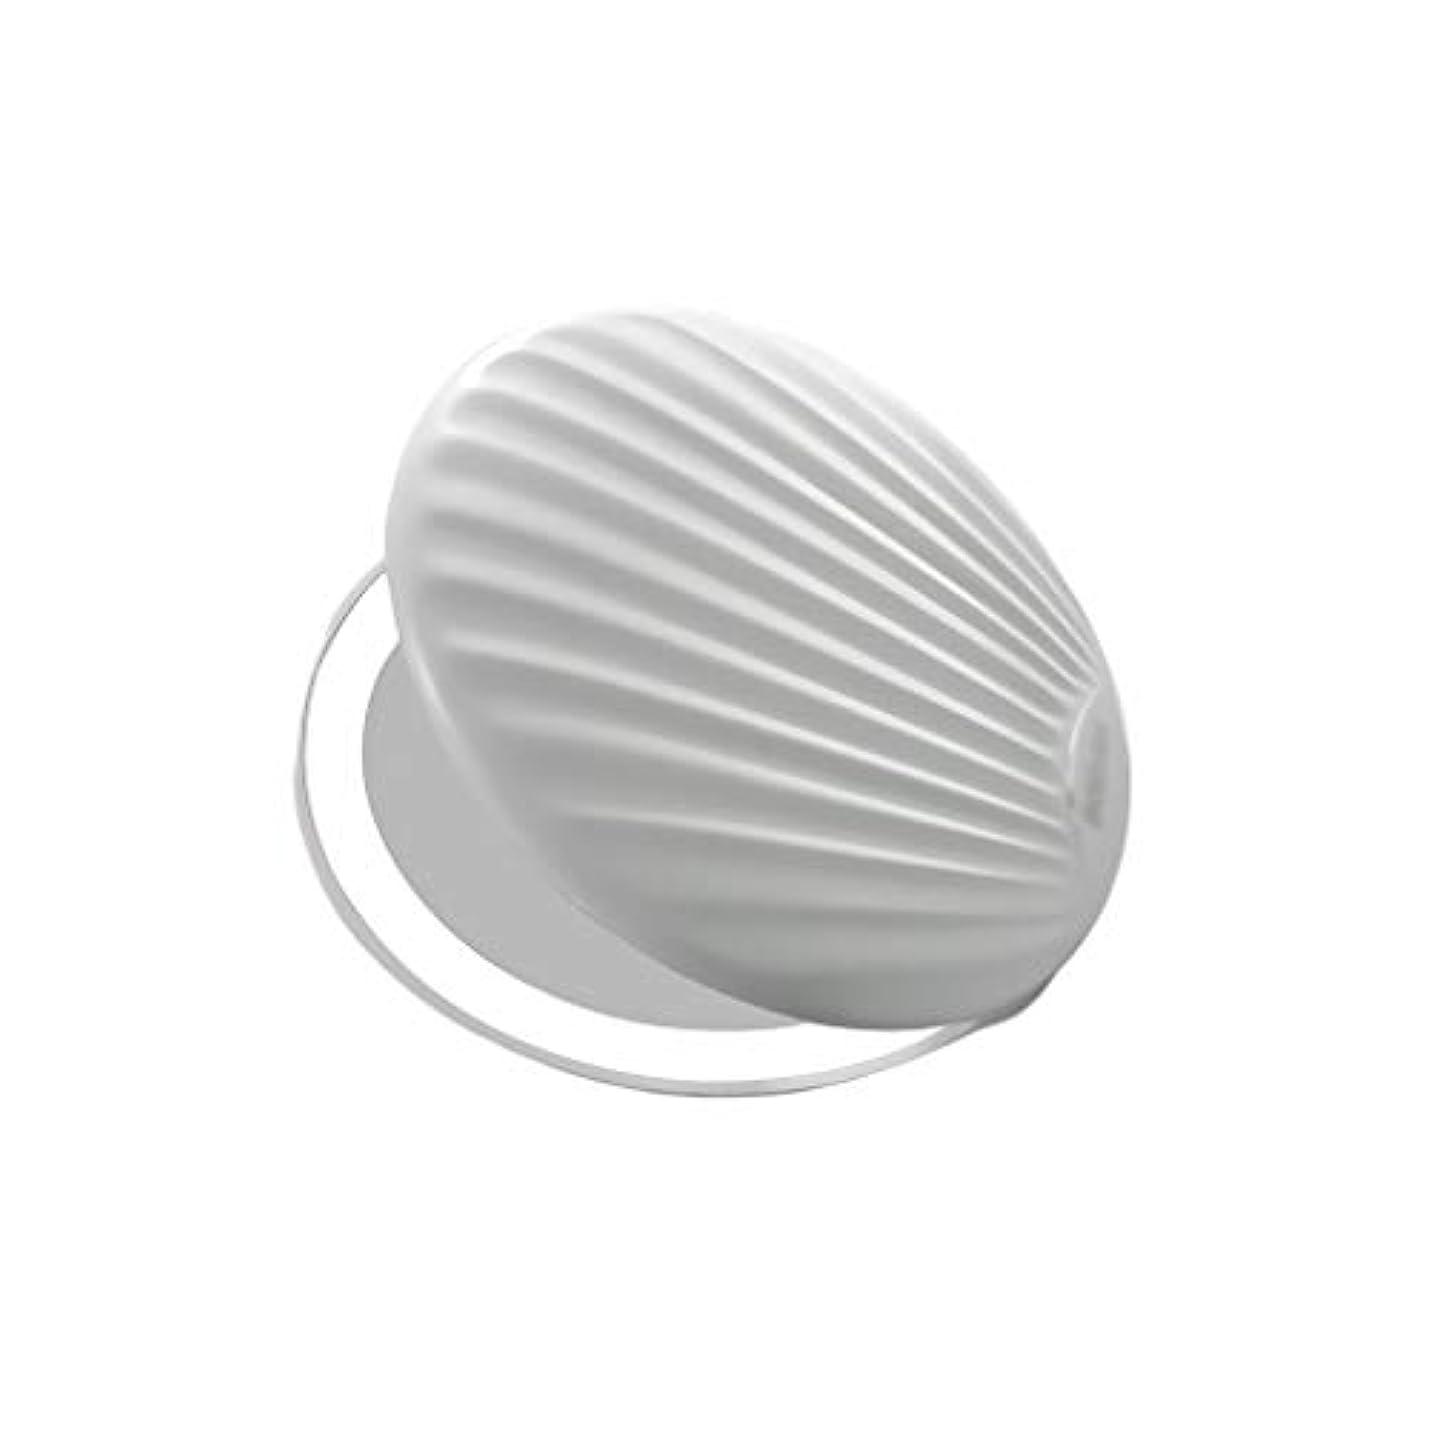 広い細分化する委員会高品質化粧鏡 小型ポータブル折りたたみミラー付きライト小型ミラーで充電LEDシェル化粧鏡 ポータブル (Color : White, サイズ : 9*9cm)